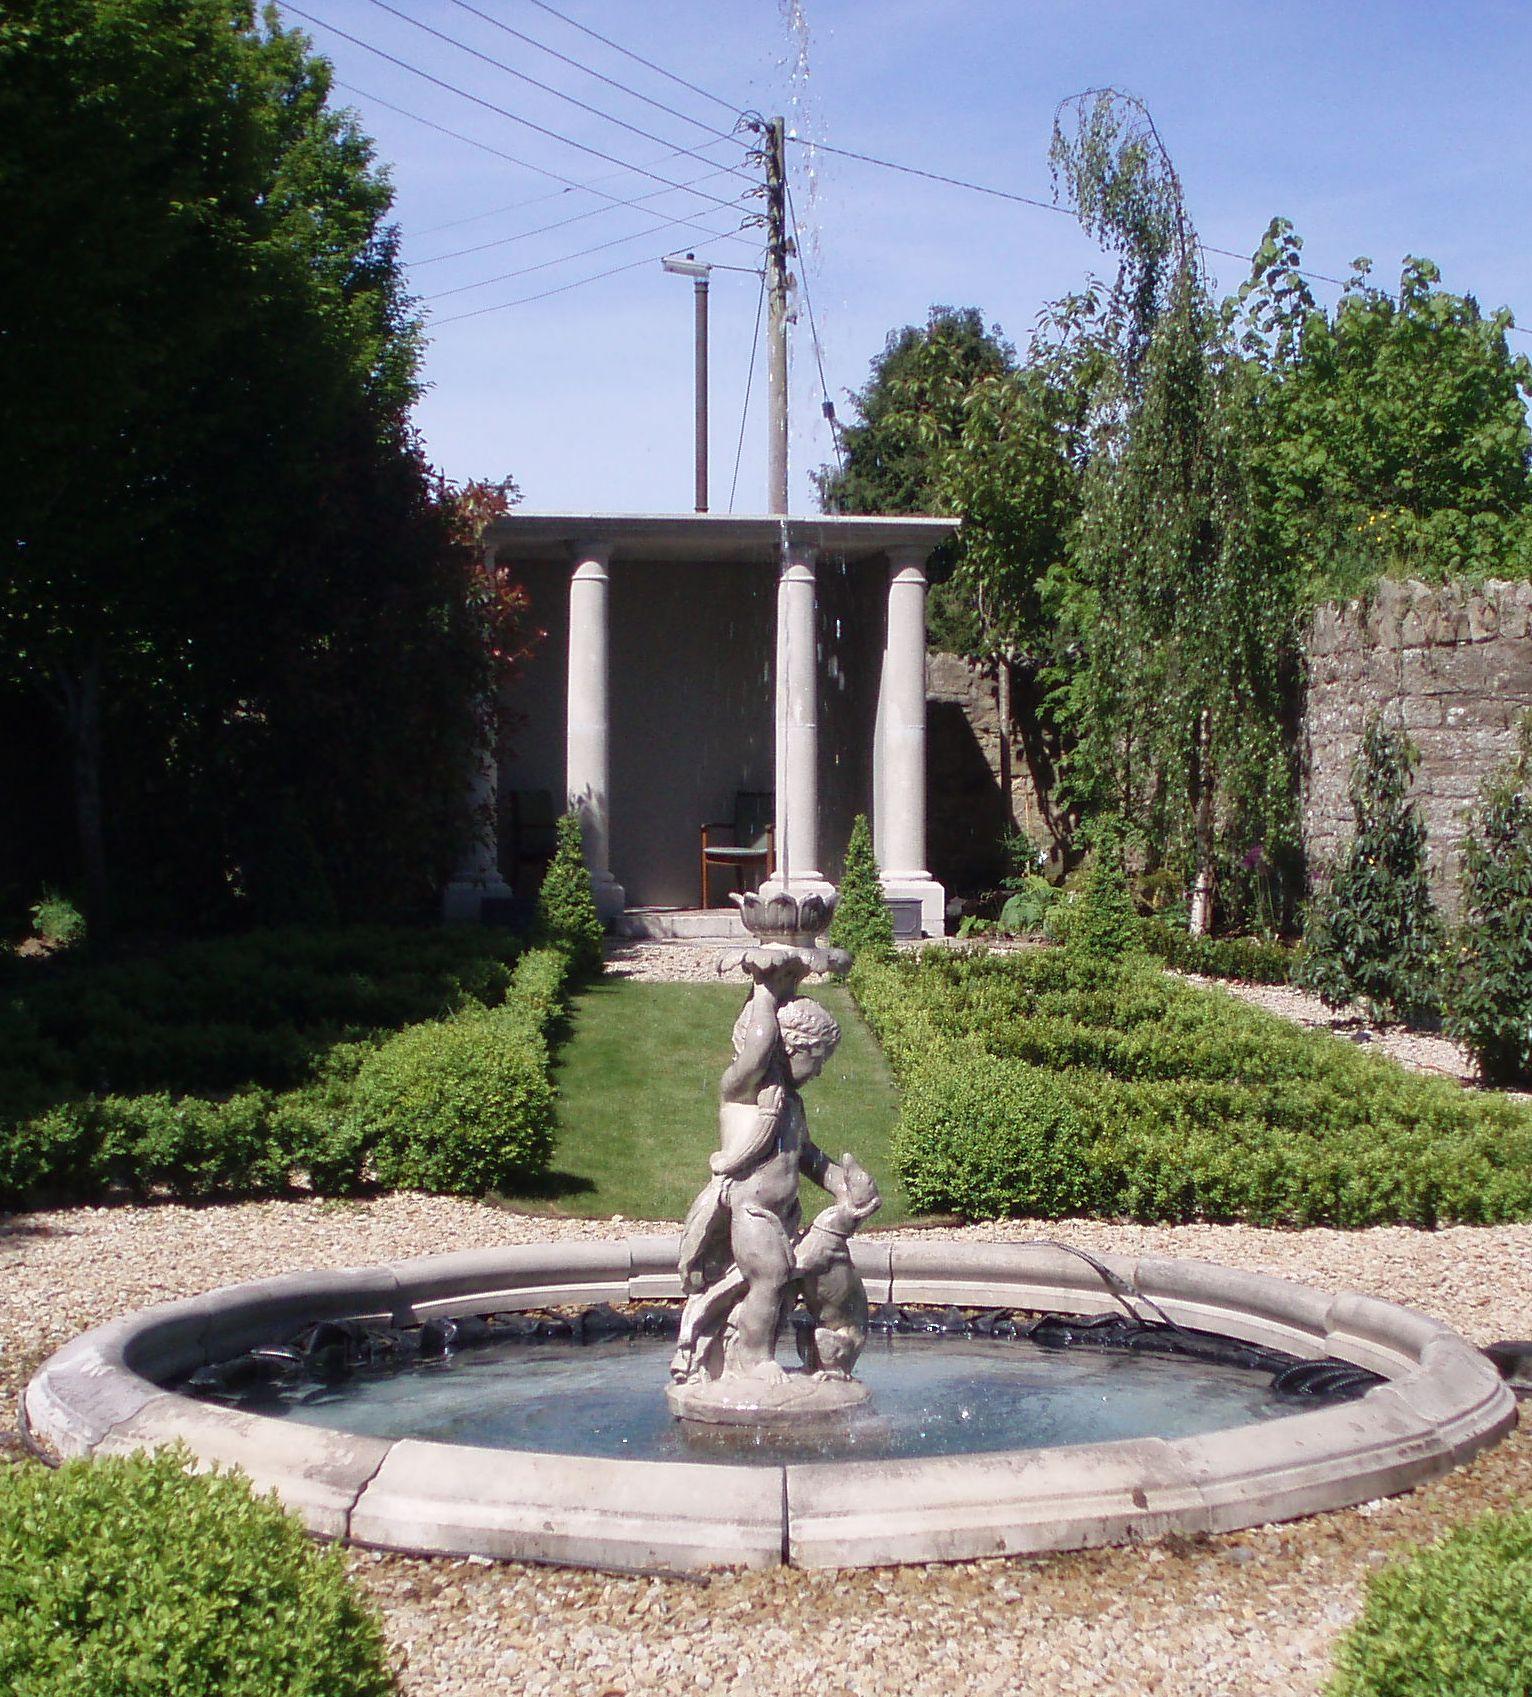 Dog Garden Fountain Designs